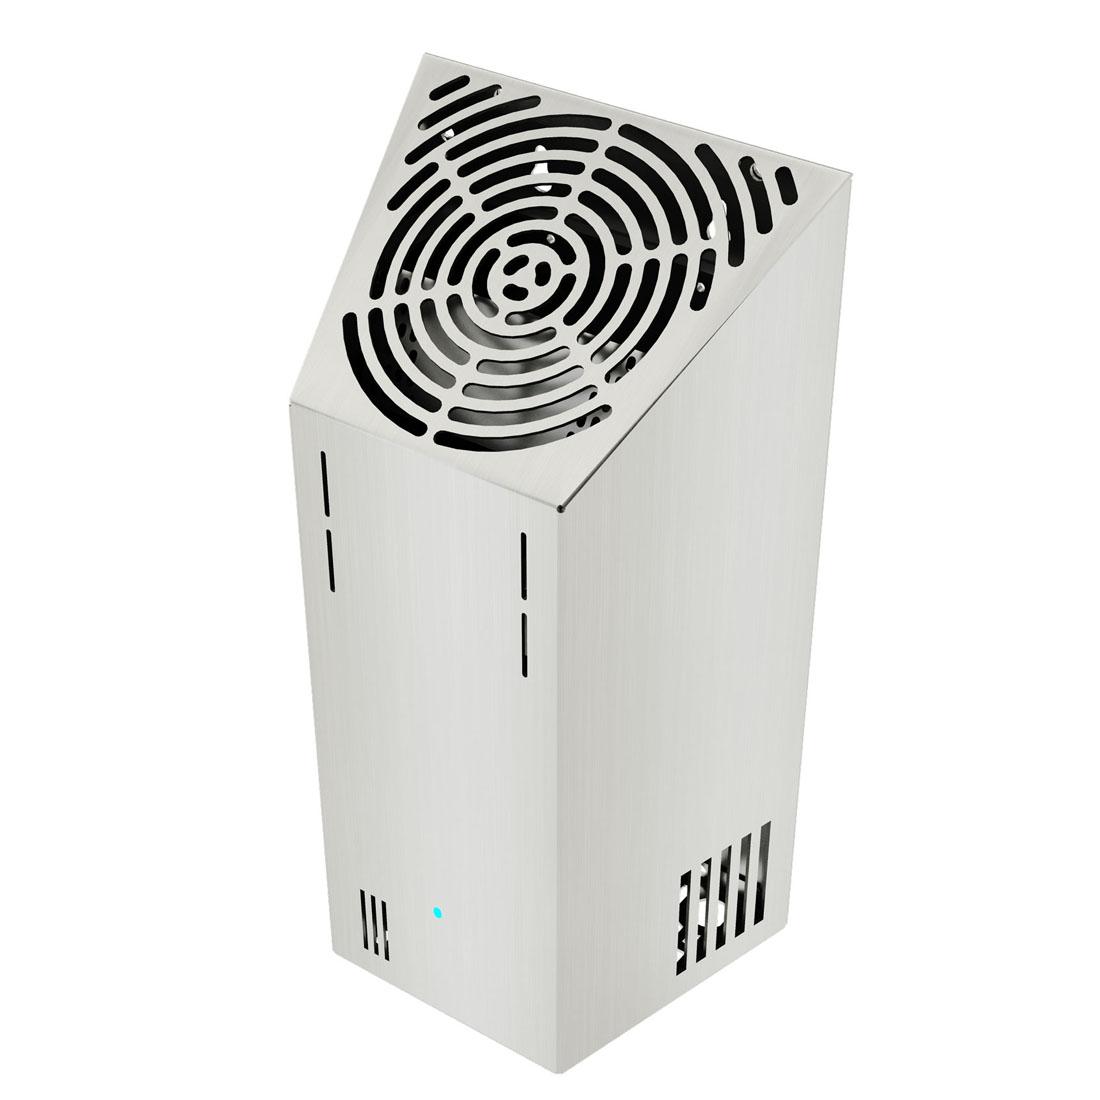 Oczyszczacz i sterylizator powietrza - Airfree WM 140